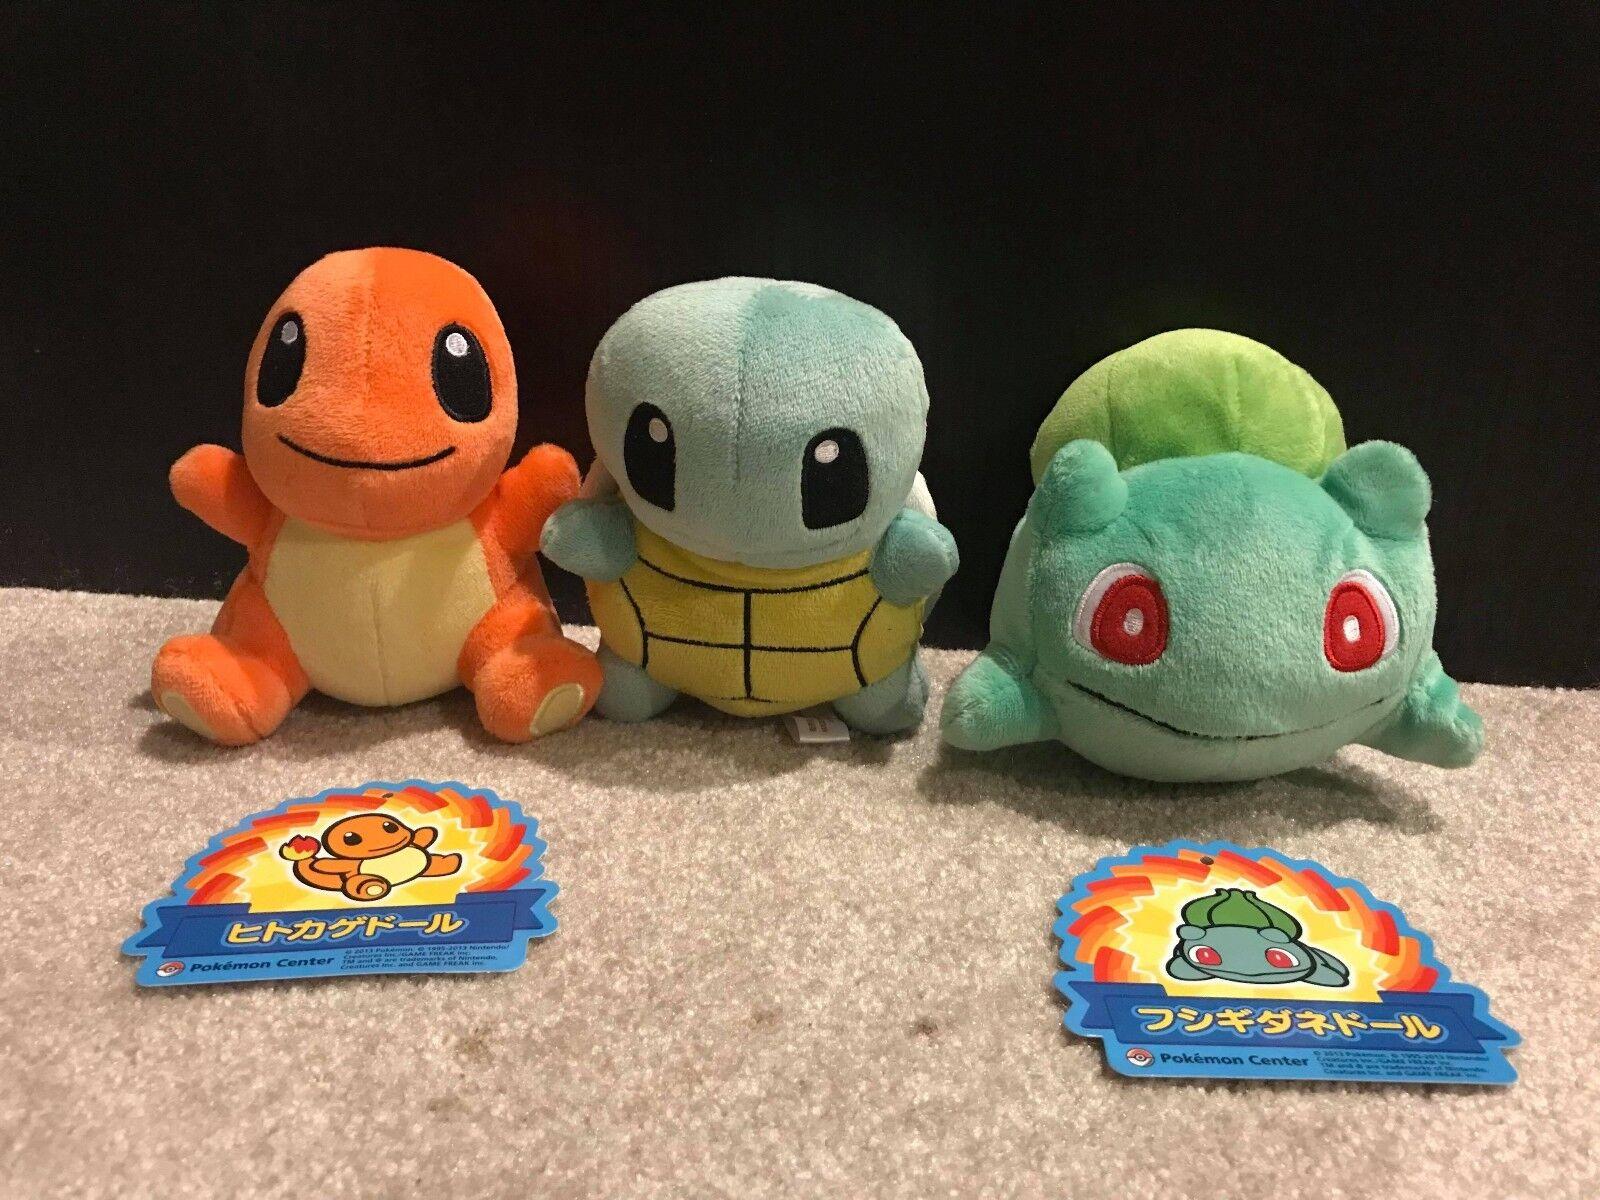 Bulbasaur, Charmander, Squirtle Japanese Pokemon Pokedoll Plush Spielzeug